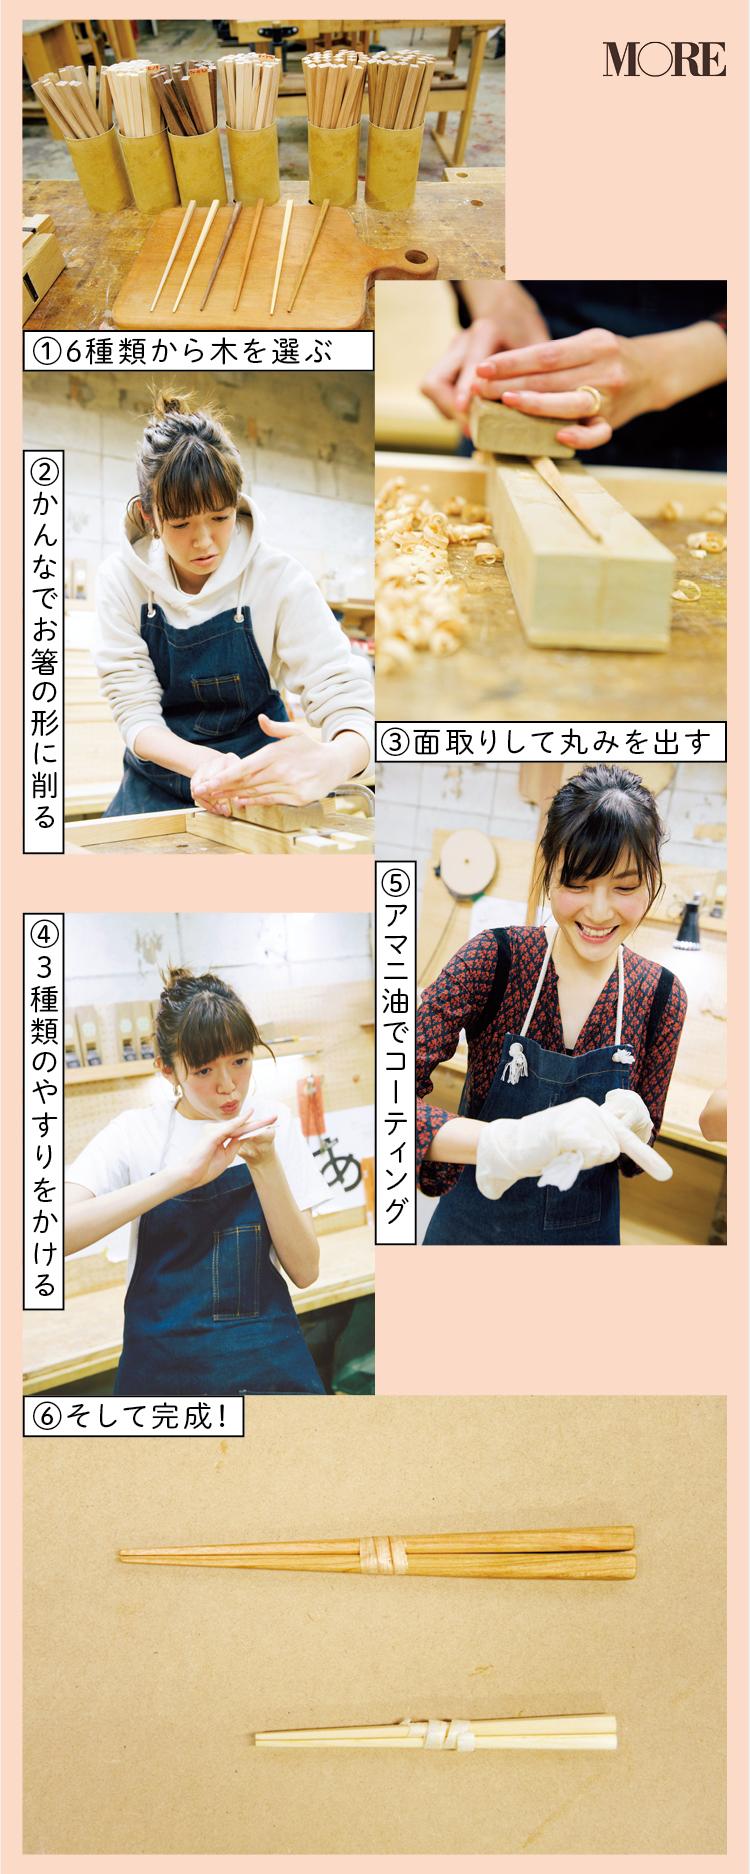 佐藤ありさと、『Makers' Base Tokyo』で箸作り! 可愛すぎる姿に惚れ惚れ。【佐藤栞里のちょっと行ってみ!?】_2